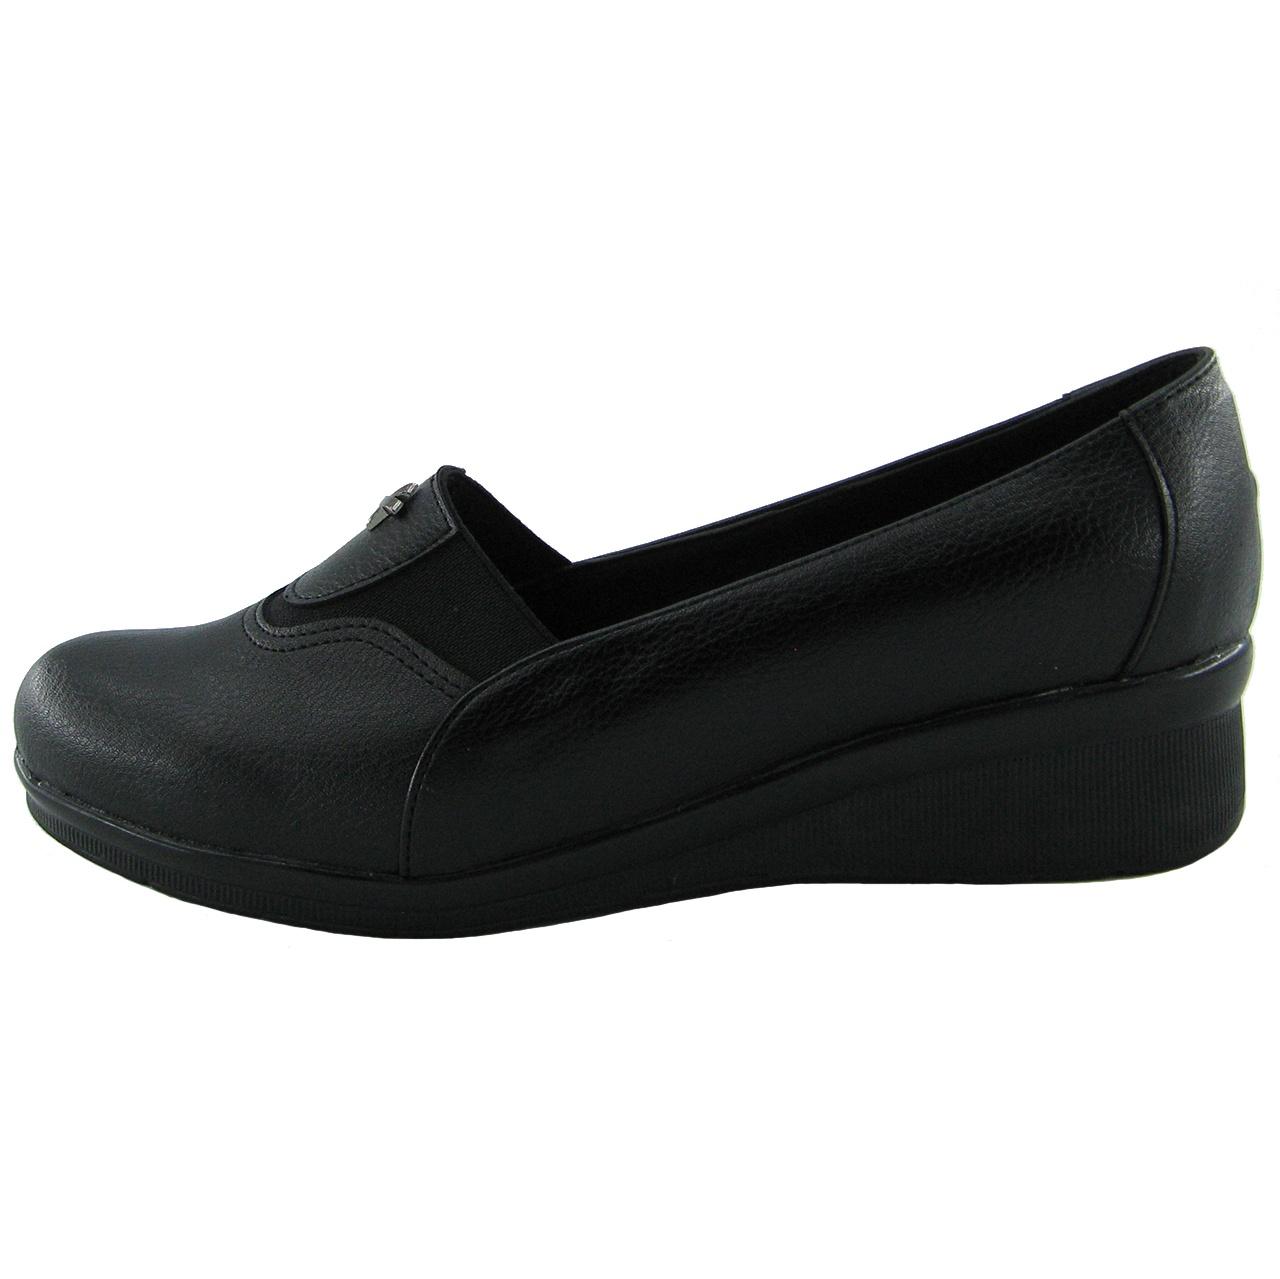 کفش زنانه مدل ایکس کد 99-01